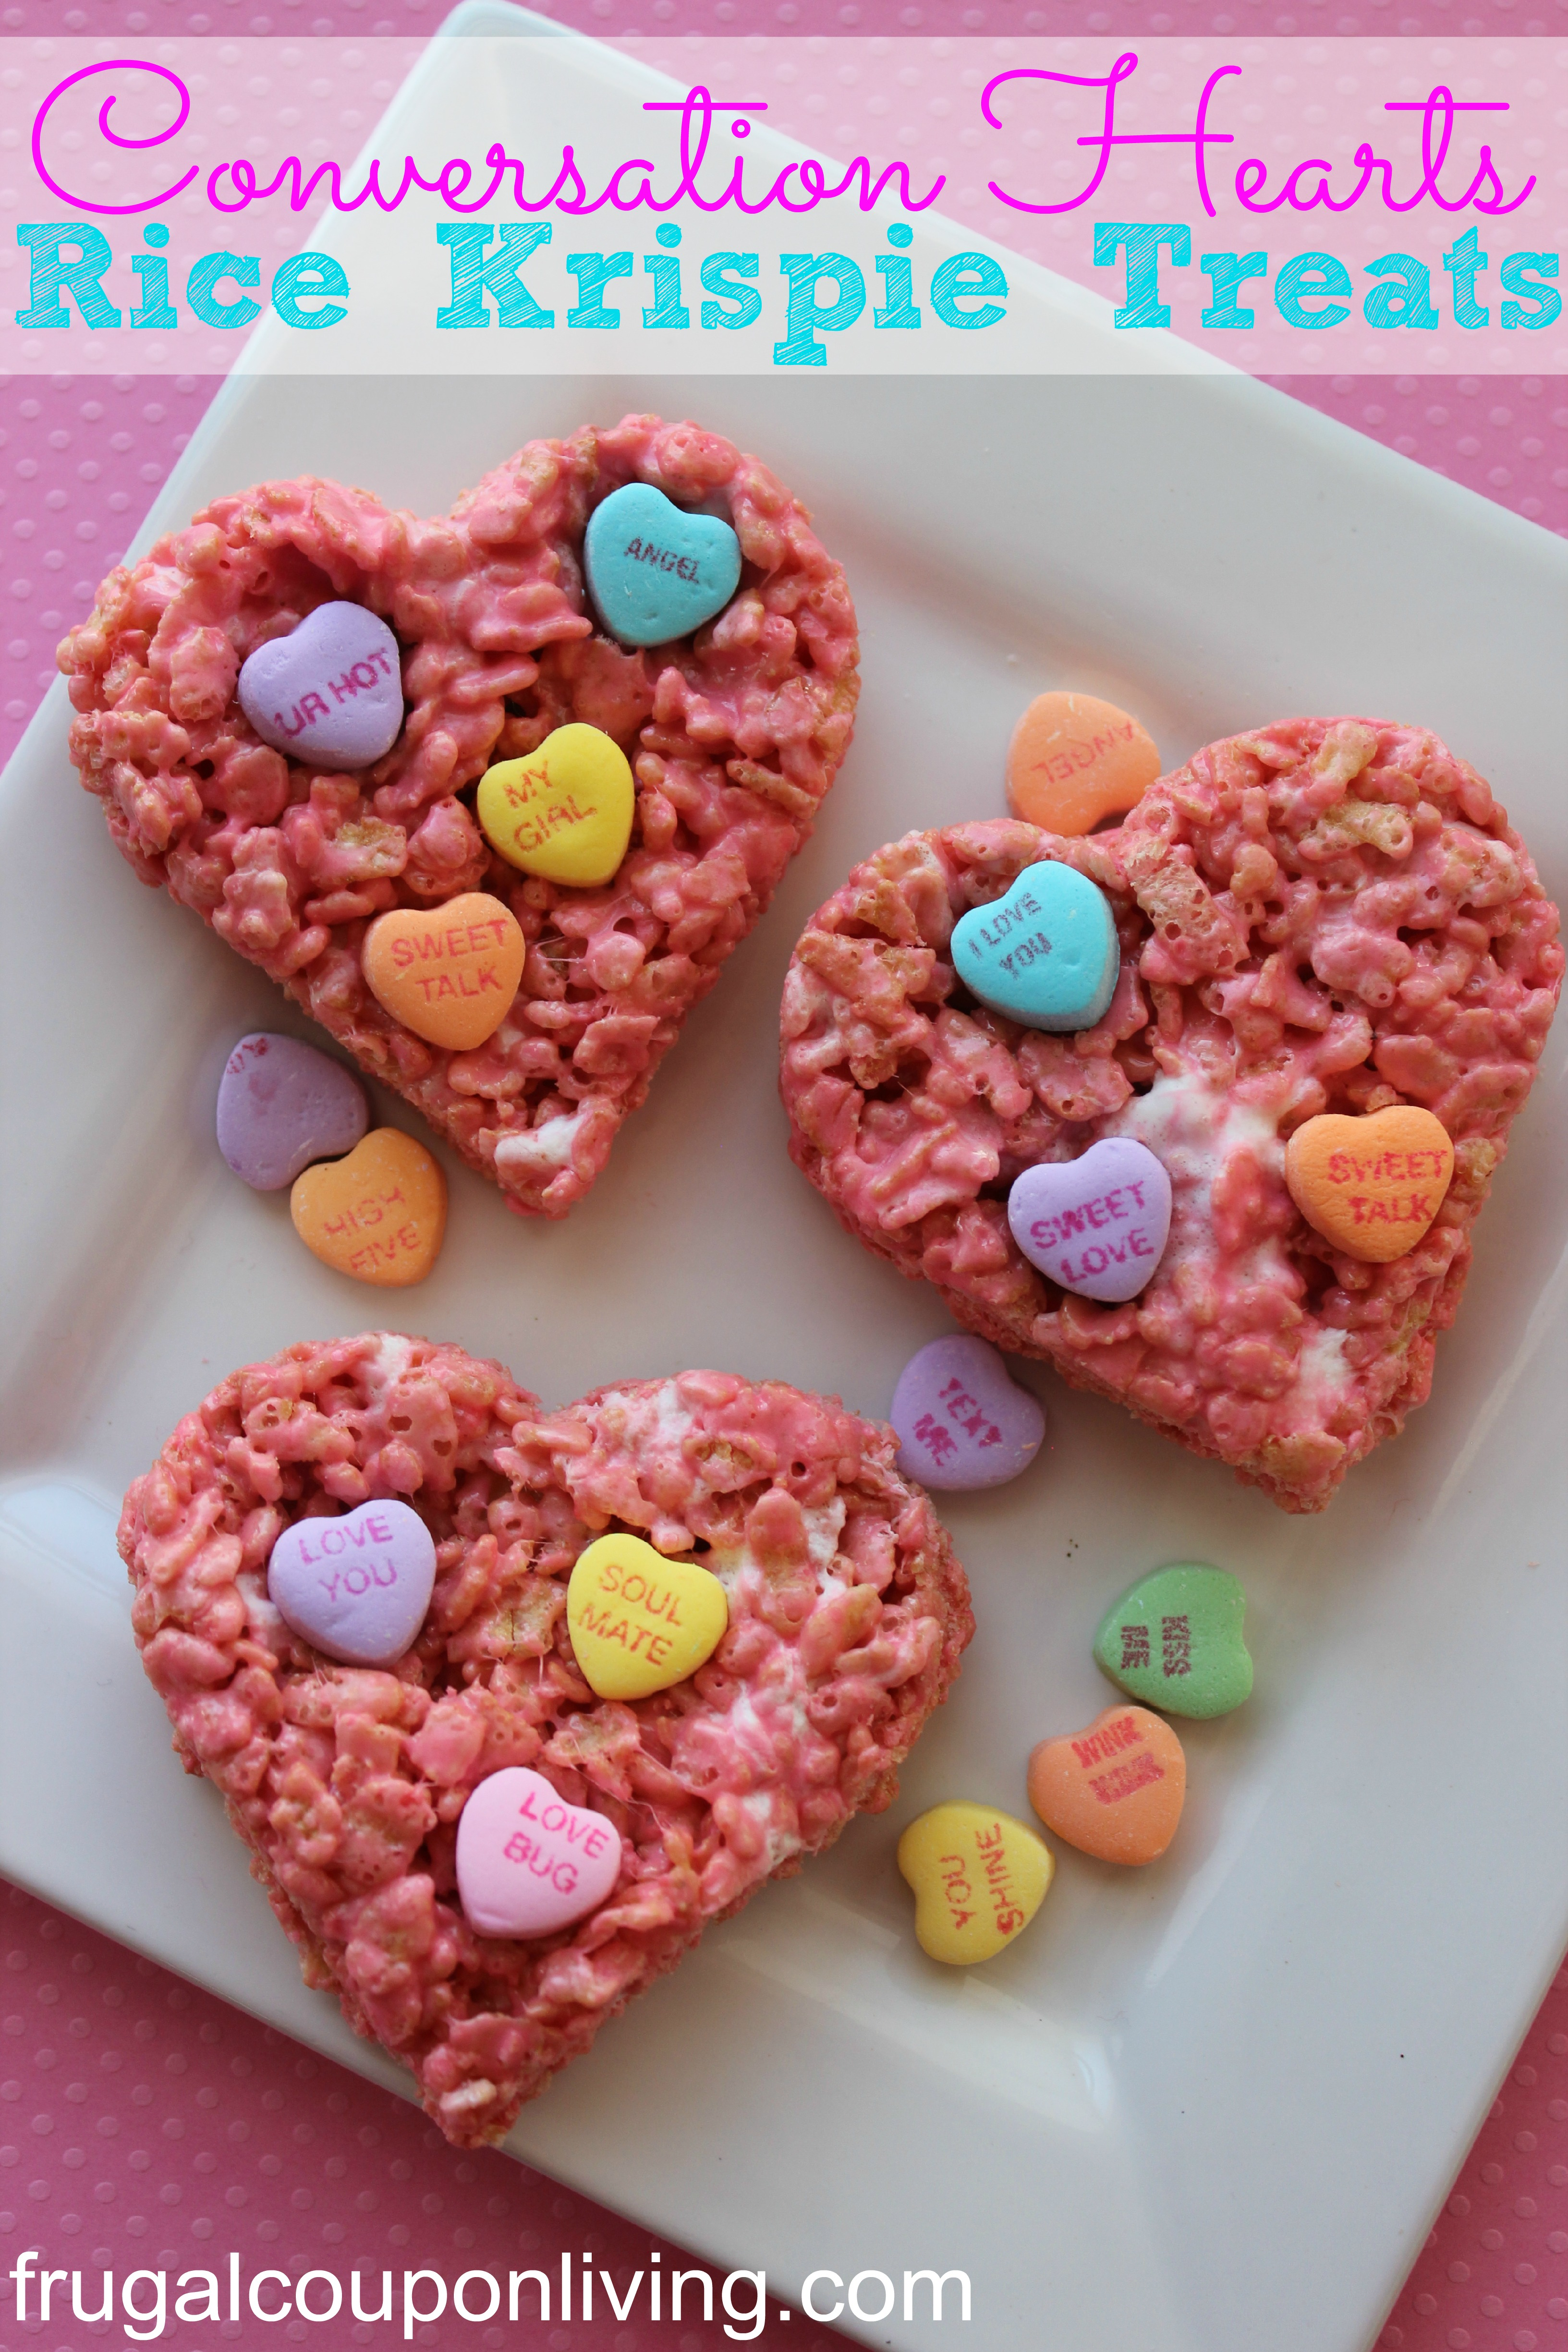 Conversation Hearts Valentine Rice Krispie Treats ...